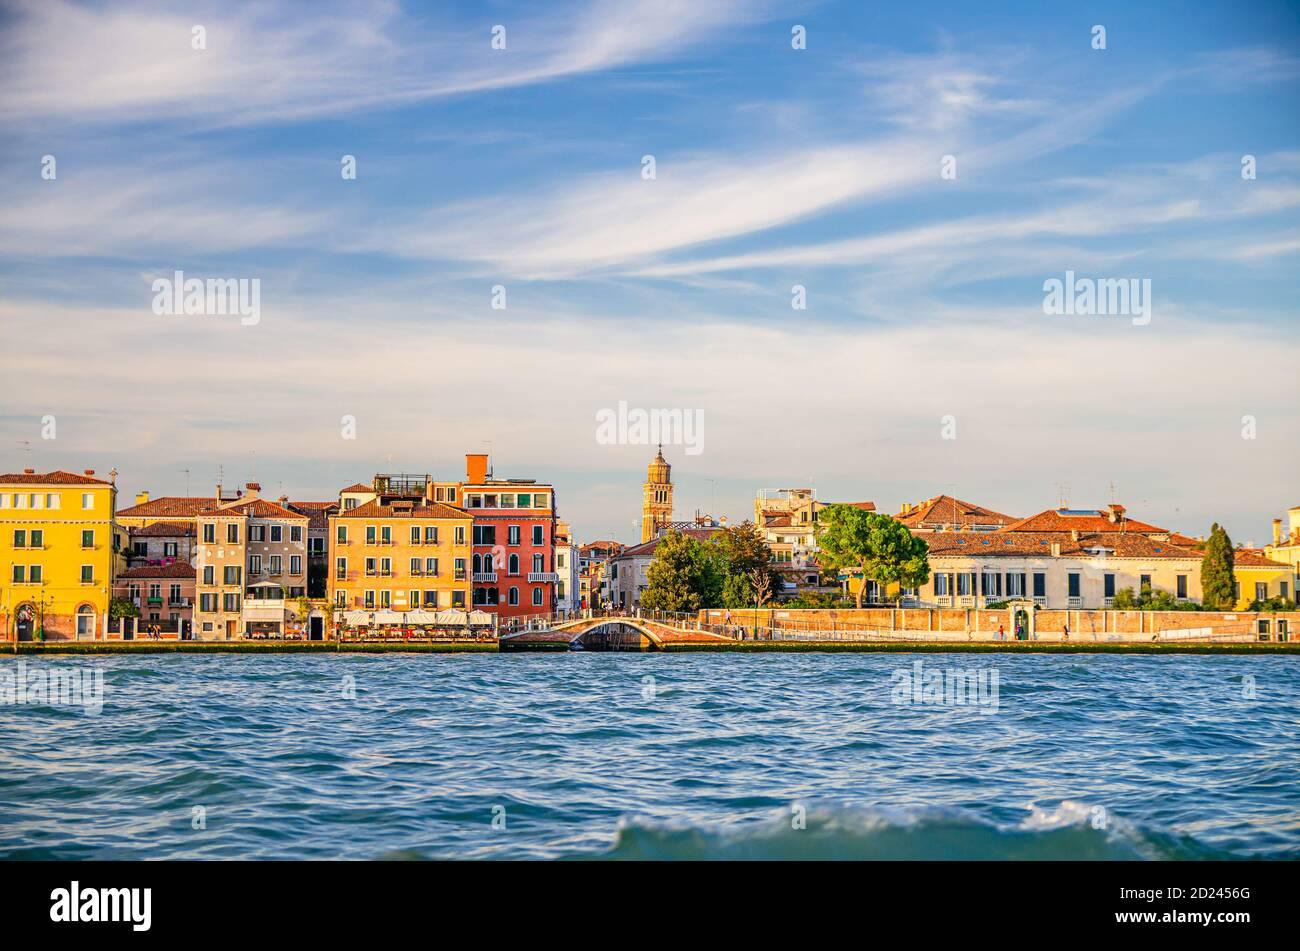 Terraplén de Fondamenta Zattere Ai Gesuati en Venecia centro histórico Dorsoduro sestiere, vista desde el agua del canal de Giudecca, región del Véneto, norte de Italia Foto de stock